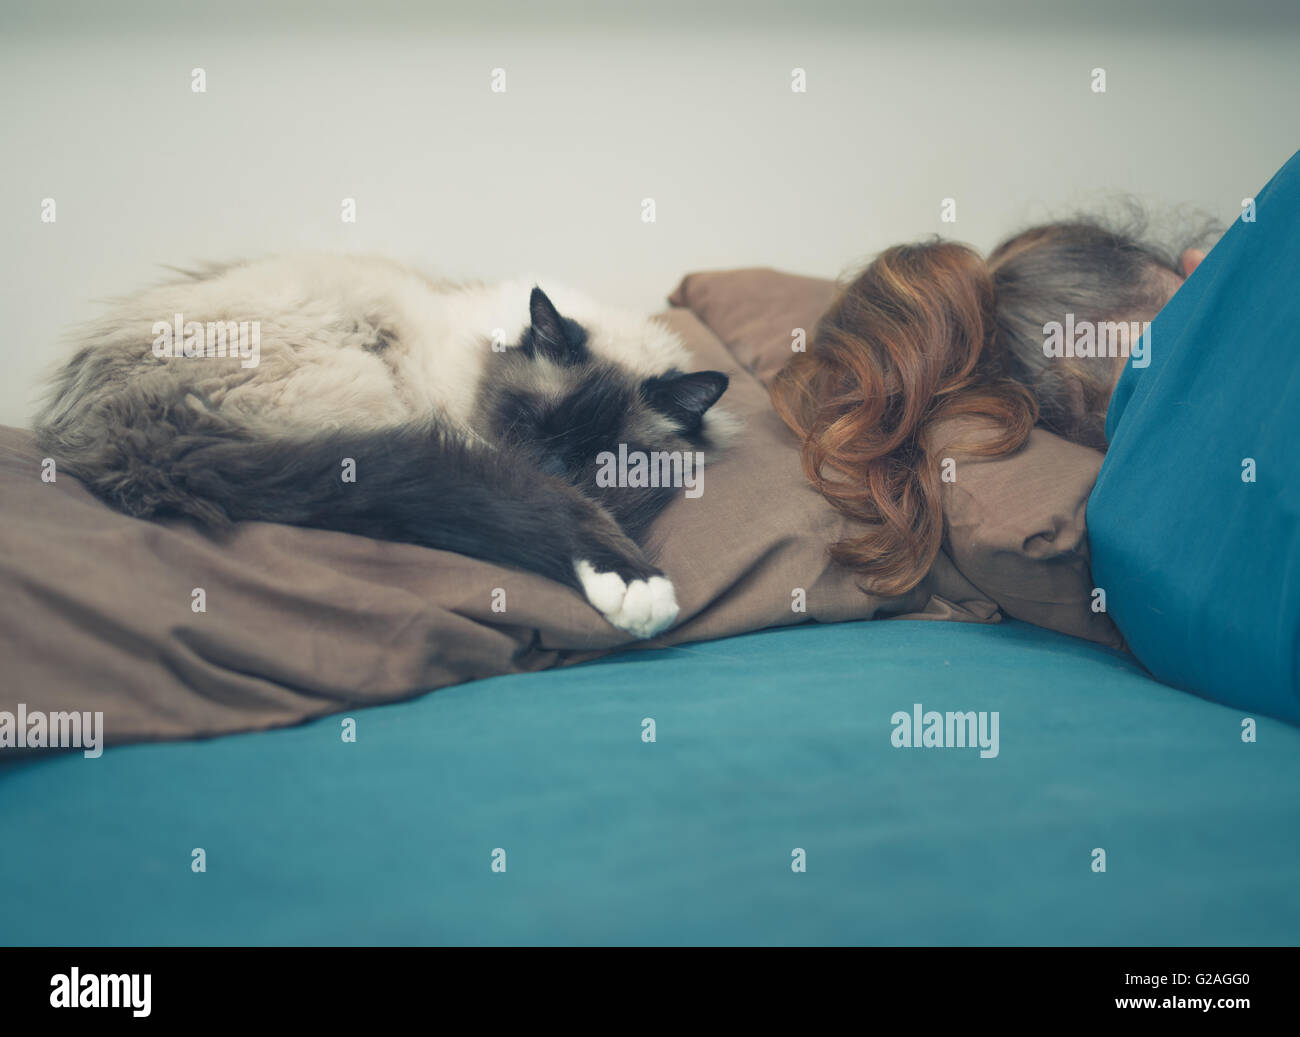 Eine junge Frau schläft in einem Bett mit einer Katze neben ihr Stockbild